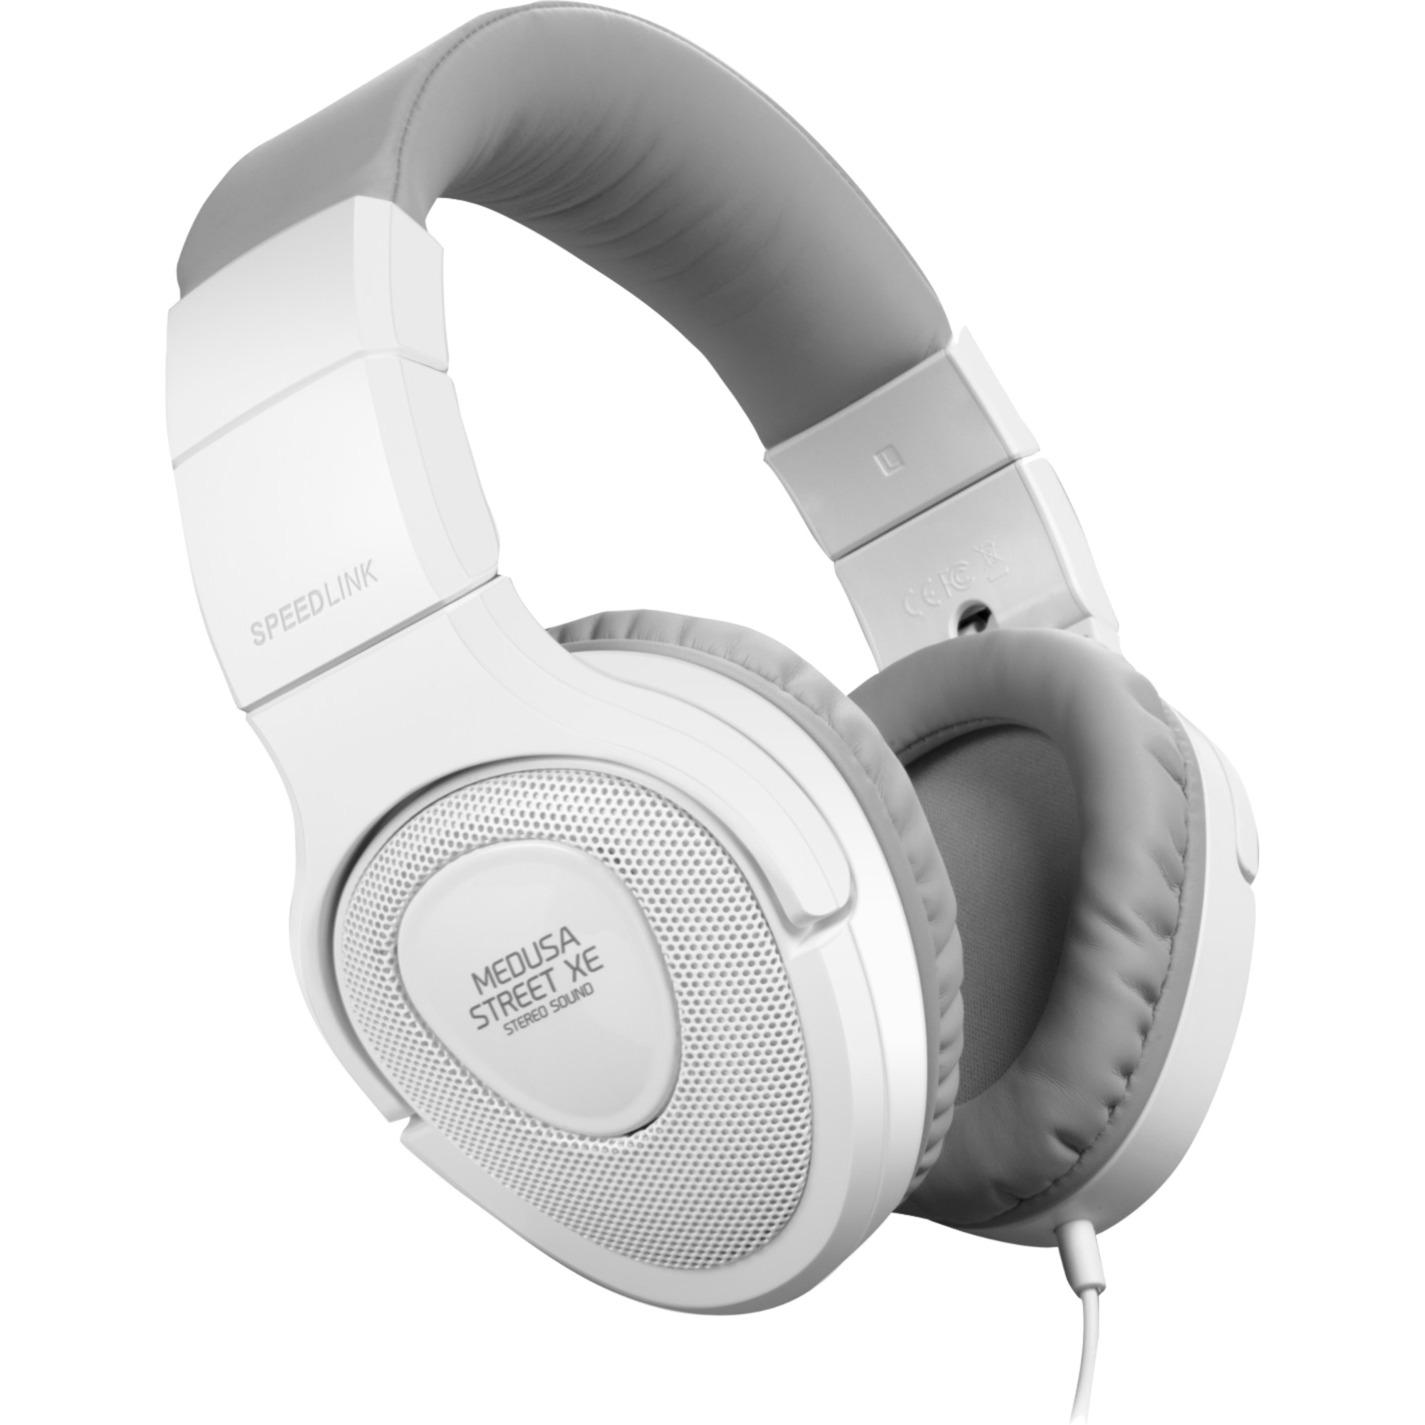 medusa-street-xe-binaural-pandebaand-graa-hvid-headsat-headset